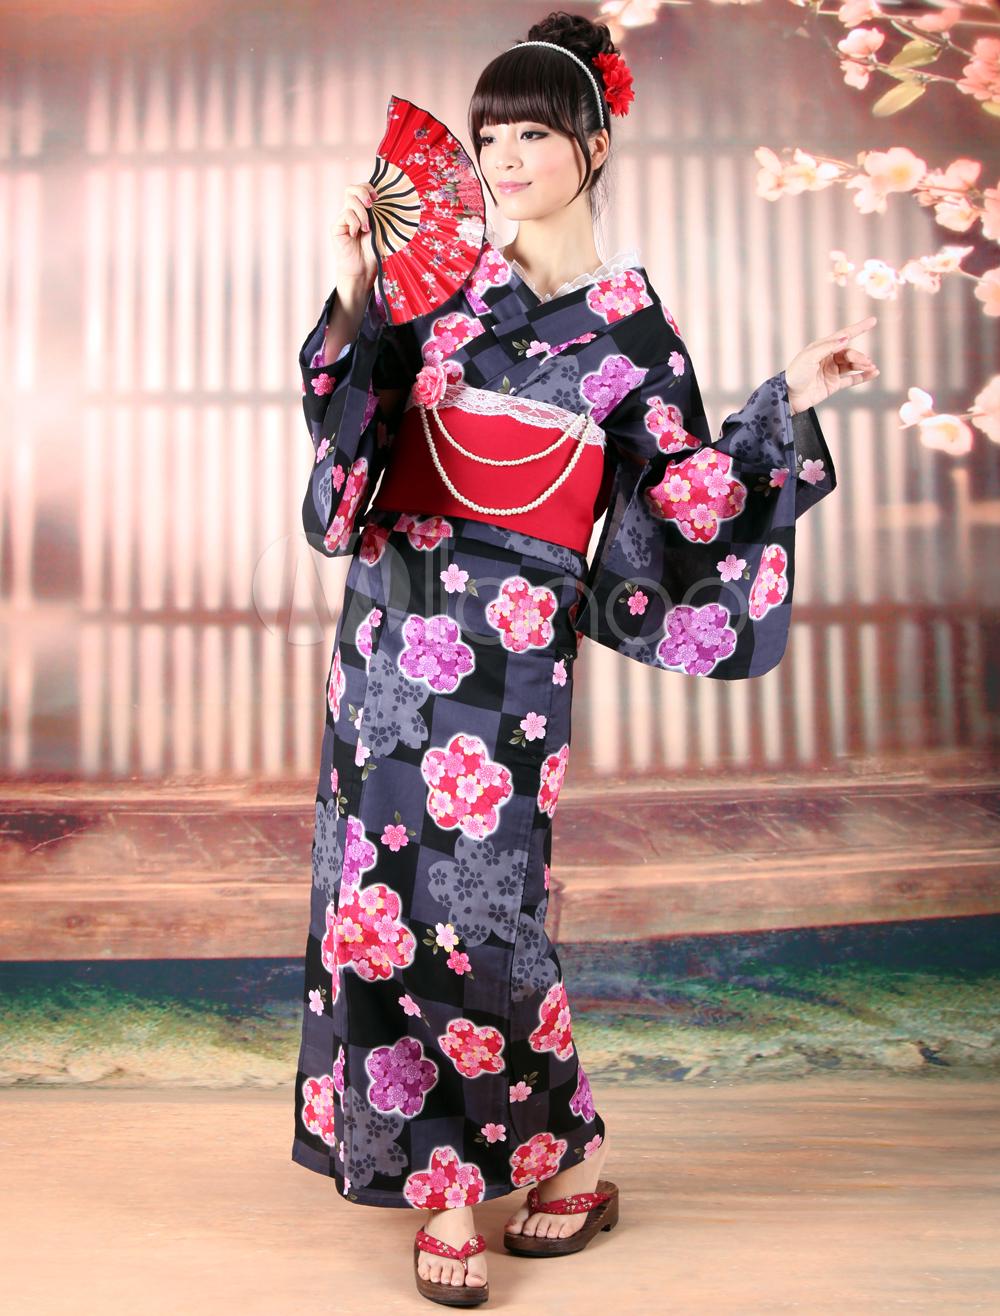 субботу здесь фото японского национального костюма животе срочное состояние